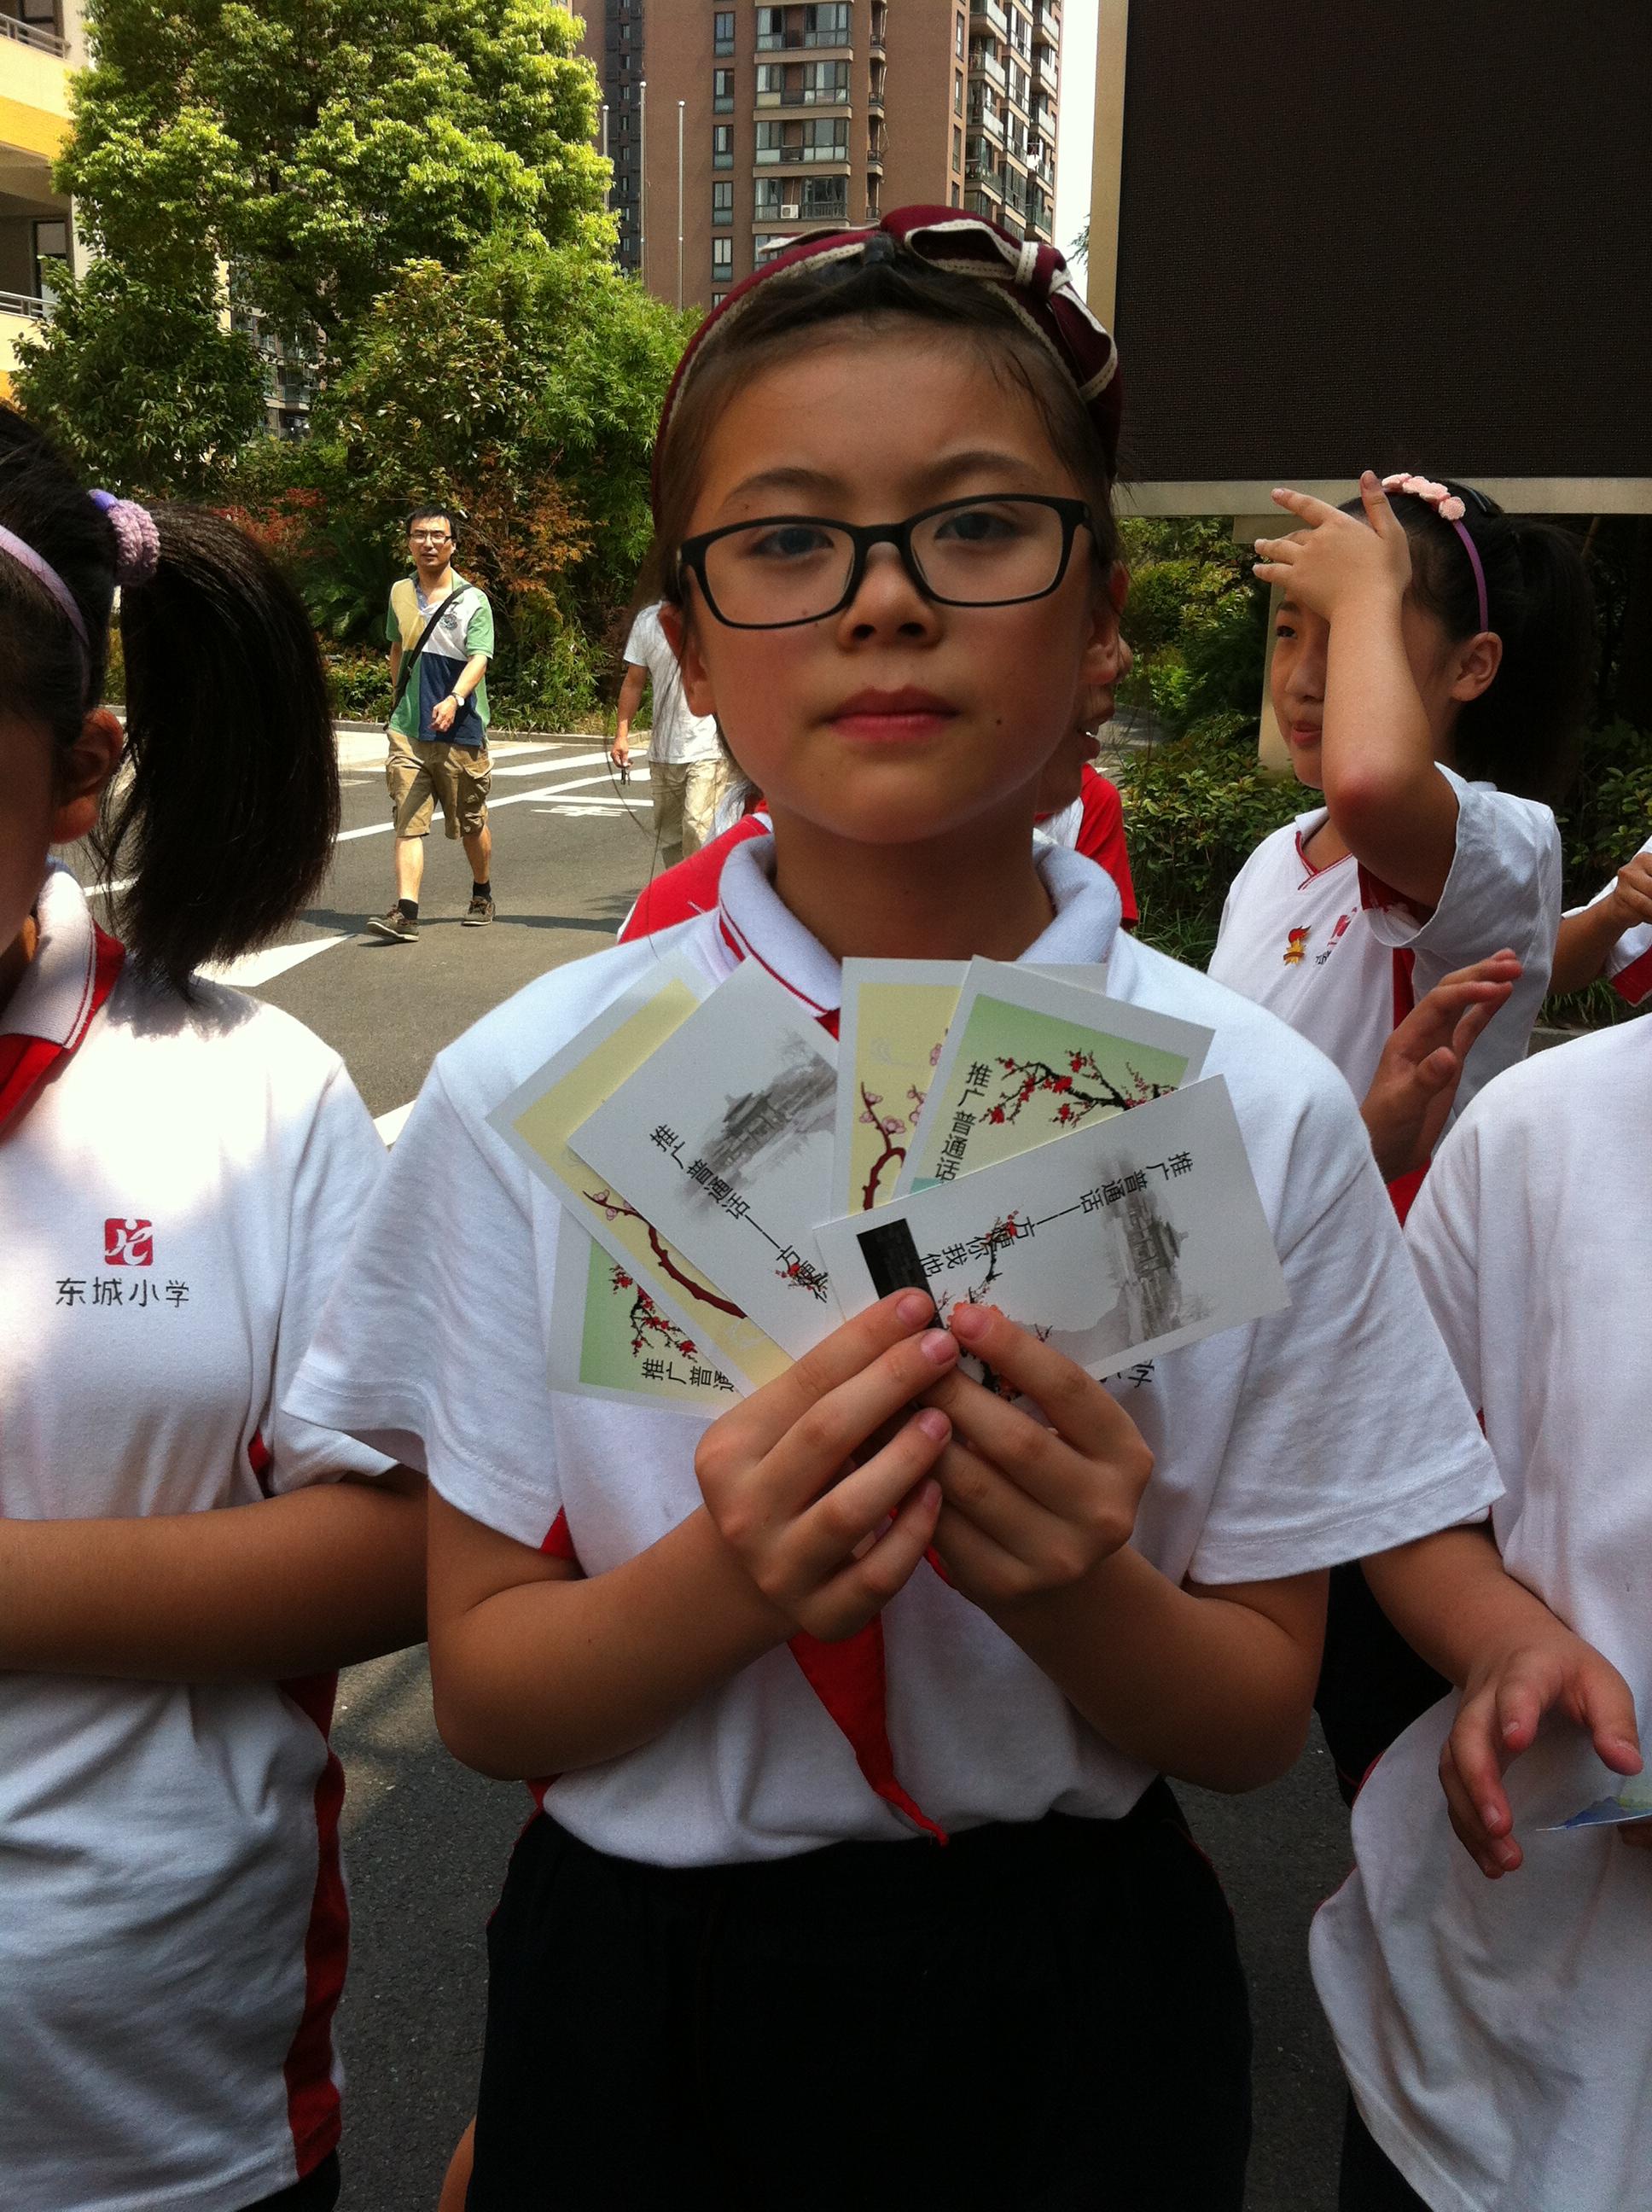 【杭州市杭州师范大学东城小学】推广普通话,小学殷都实验安阳市图片